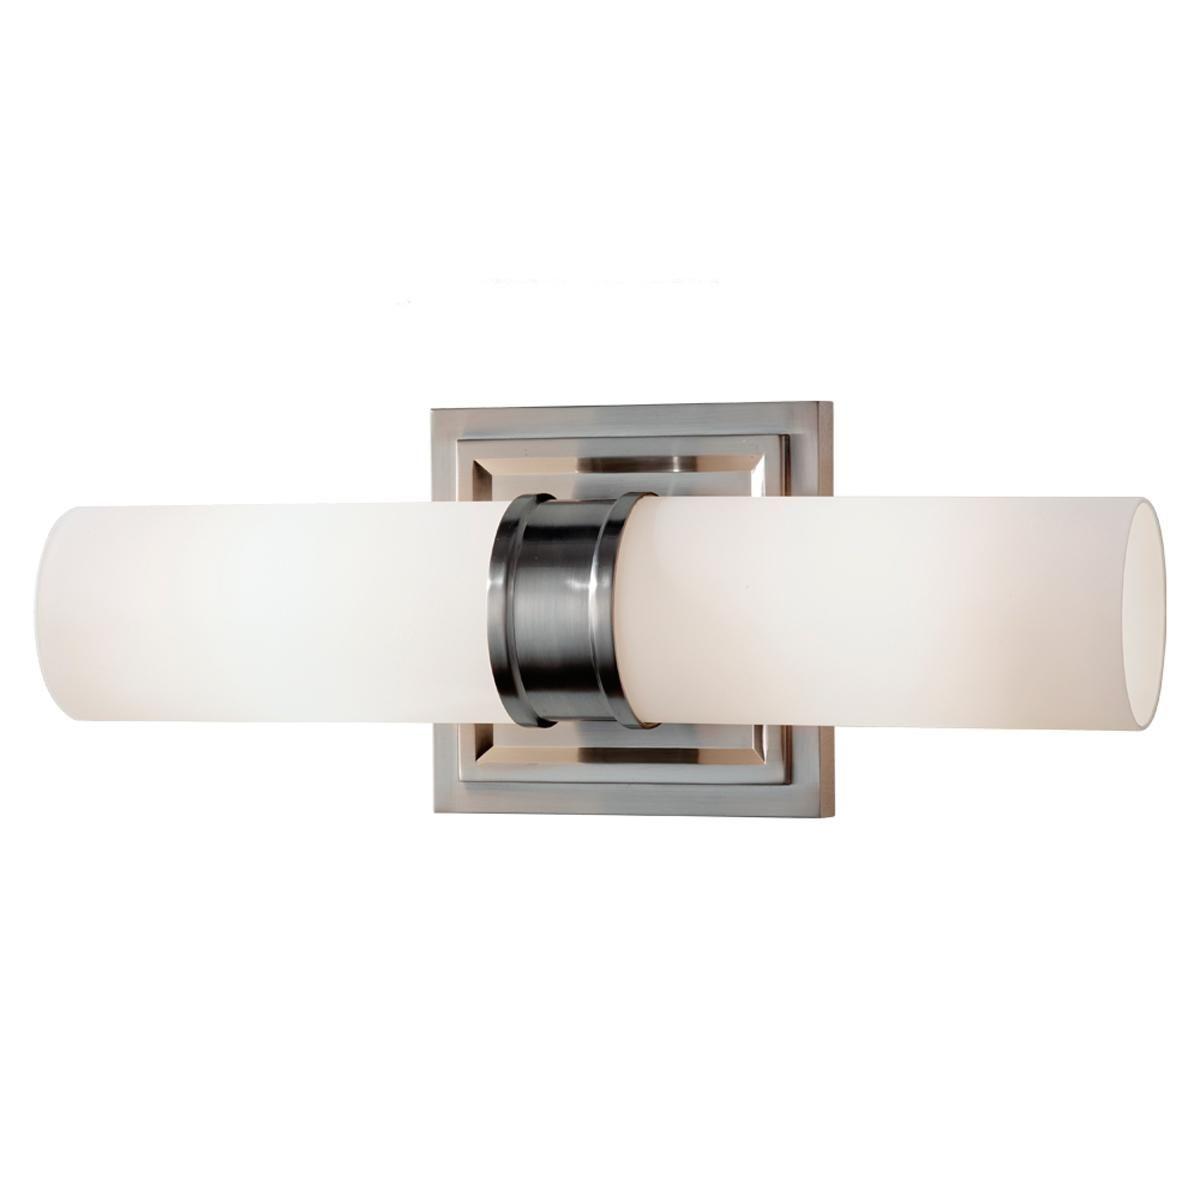 Bathroom Vanity Lights Vertical opal cylinder 2 light bath light | bath light, bath and lights